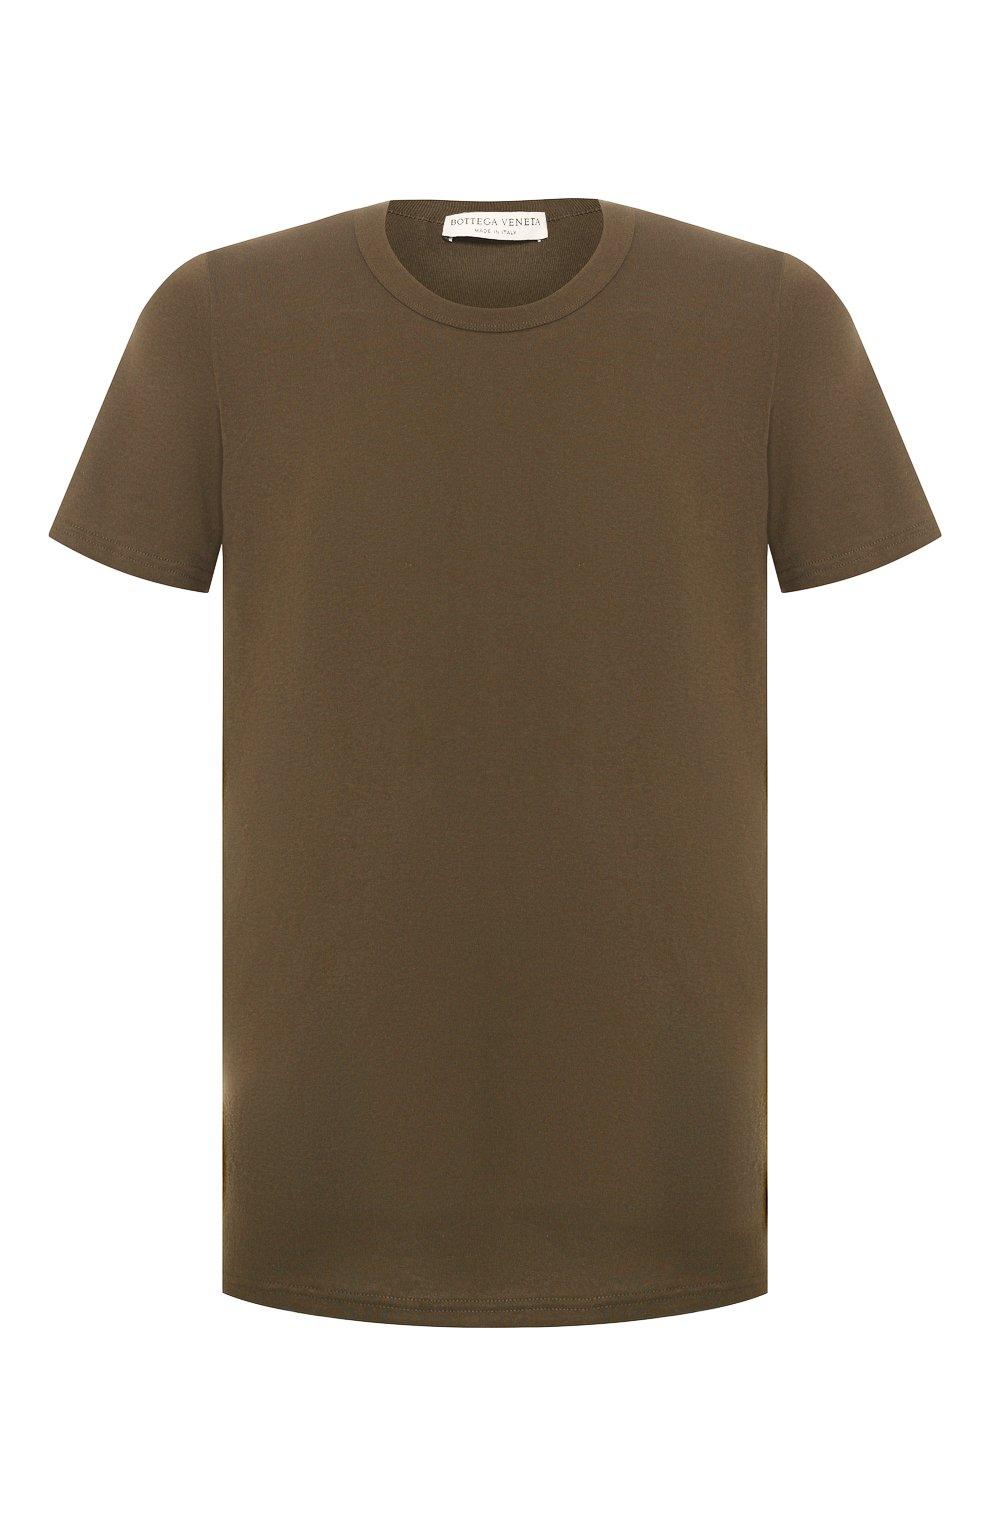 Мужская хлопковая футболка BOTTEGA VENETA хаки цвета, арт. 600852/VF2A0   Фото 1 (Принт: Без принта; Рукава: Короткие; Длина (для топов): Стандартные; Мужское Кросс-КТ: Футболка-одежда; Материал внешний: Хлопок; Стили: Кэжуэл)